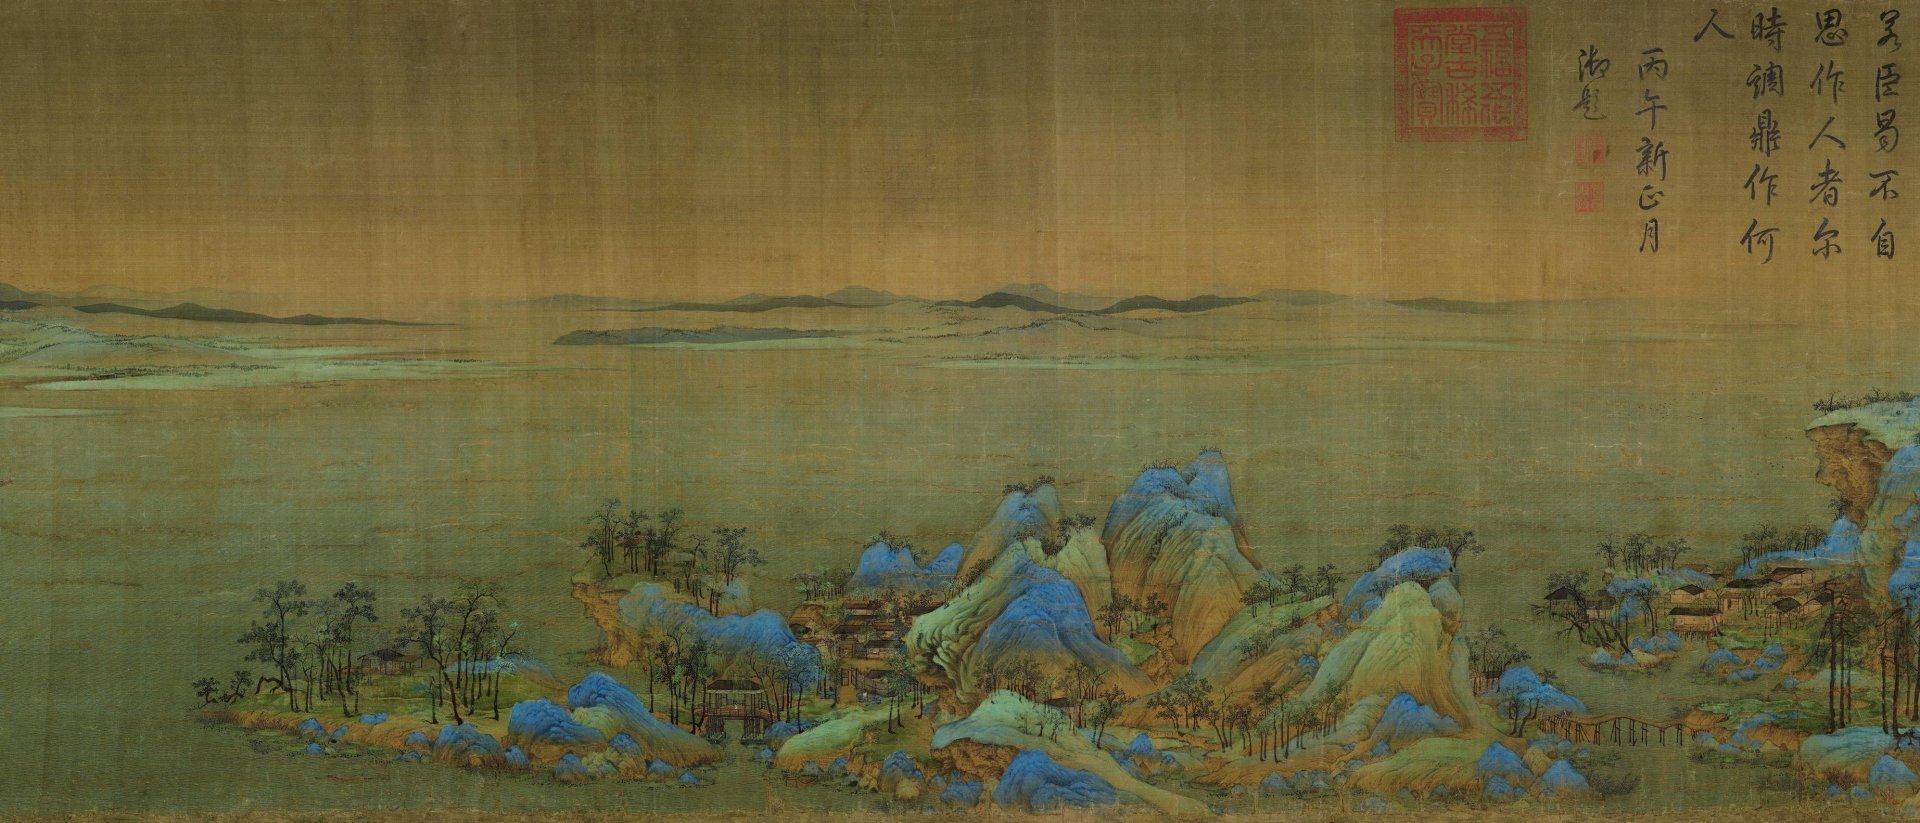 5.1e_Wang_Ximeng._A_Thousand_Li_of_Rivers_.jpg